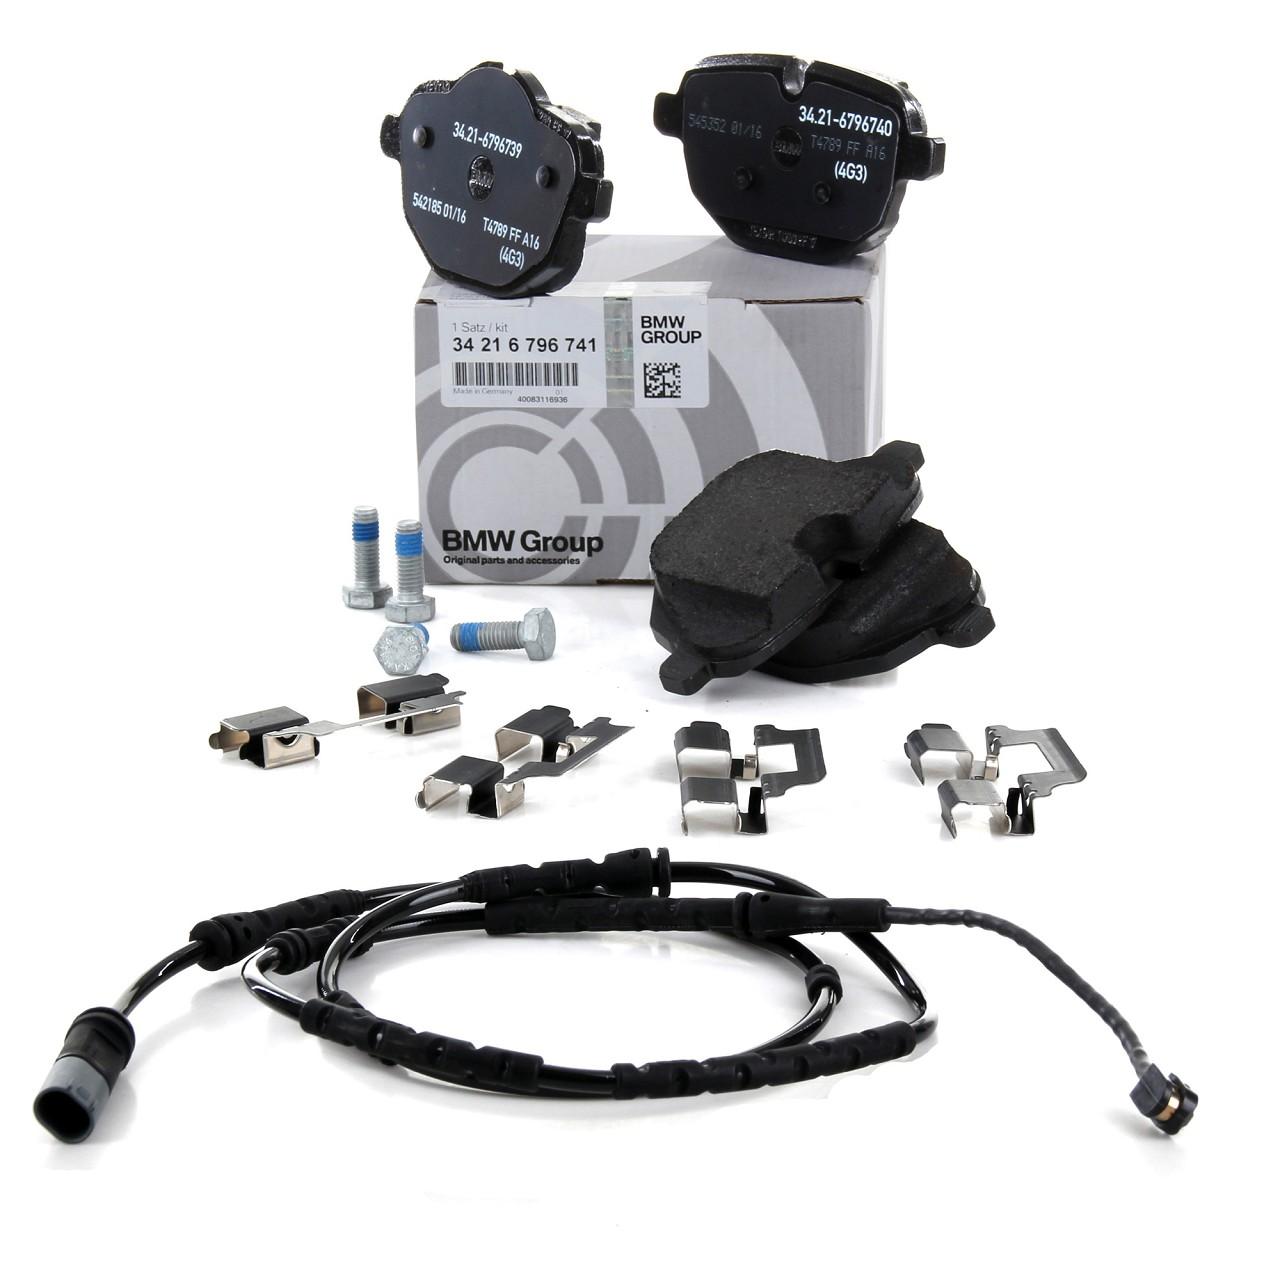 ORIGINAL BMW Bremsbeläge + Warnkontakt X3 F25 X4 F26 18-35i M40i 18-35d hinten